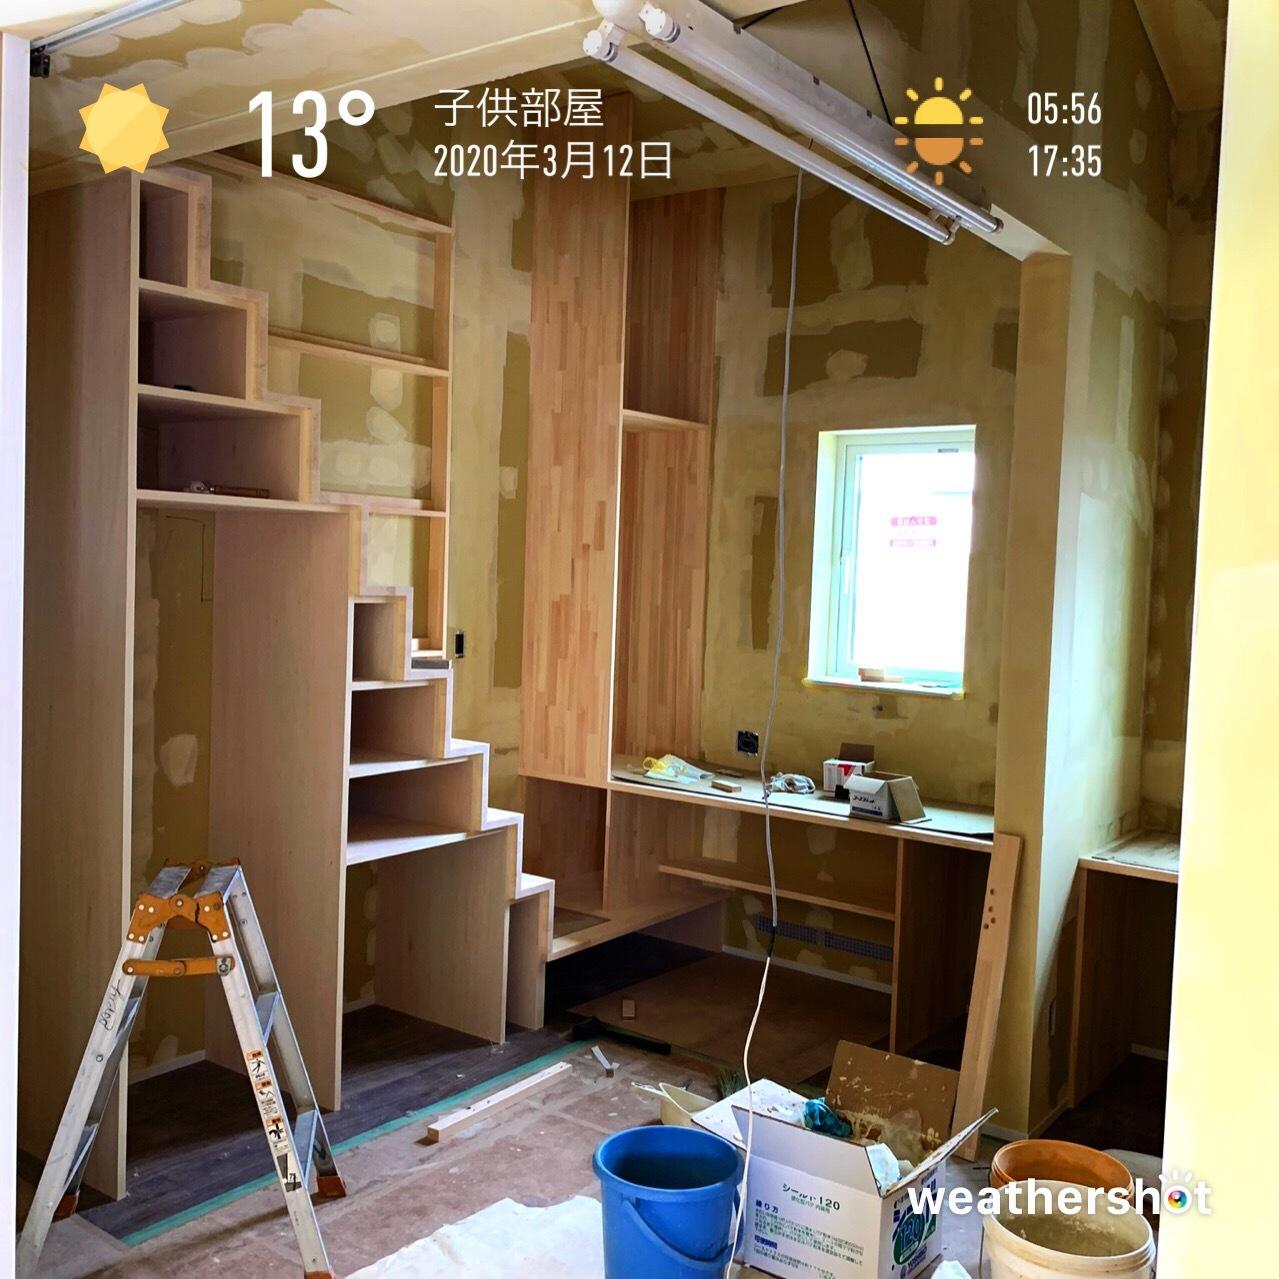 2020/3/12 子供部屋_f0116421_23143496.jpeg